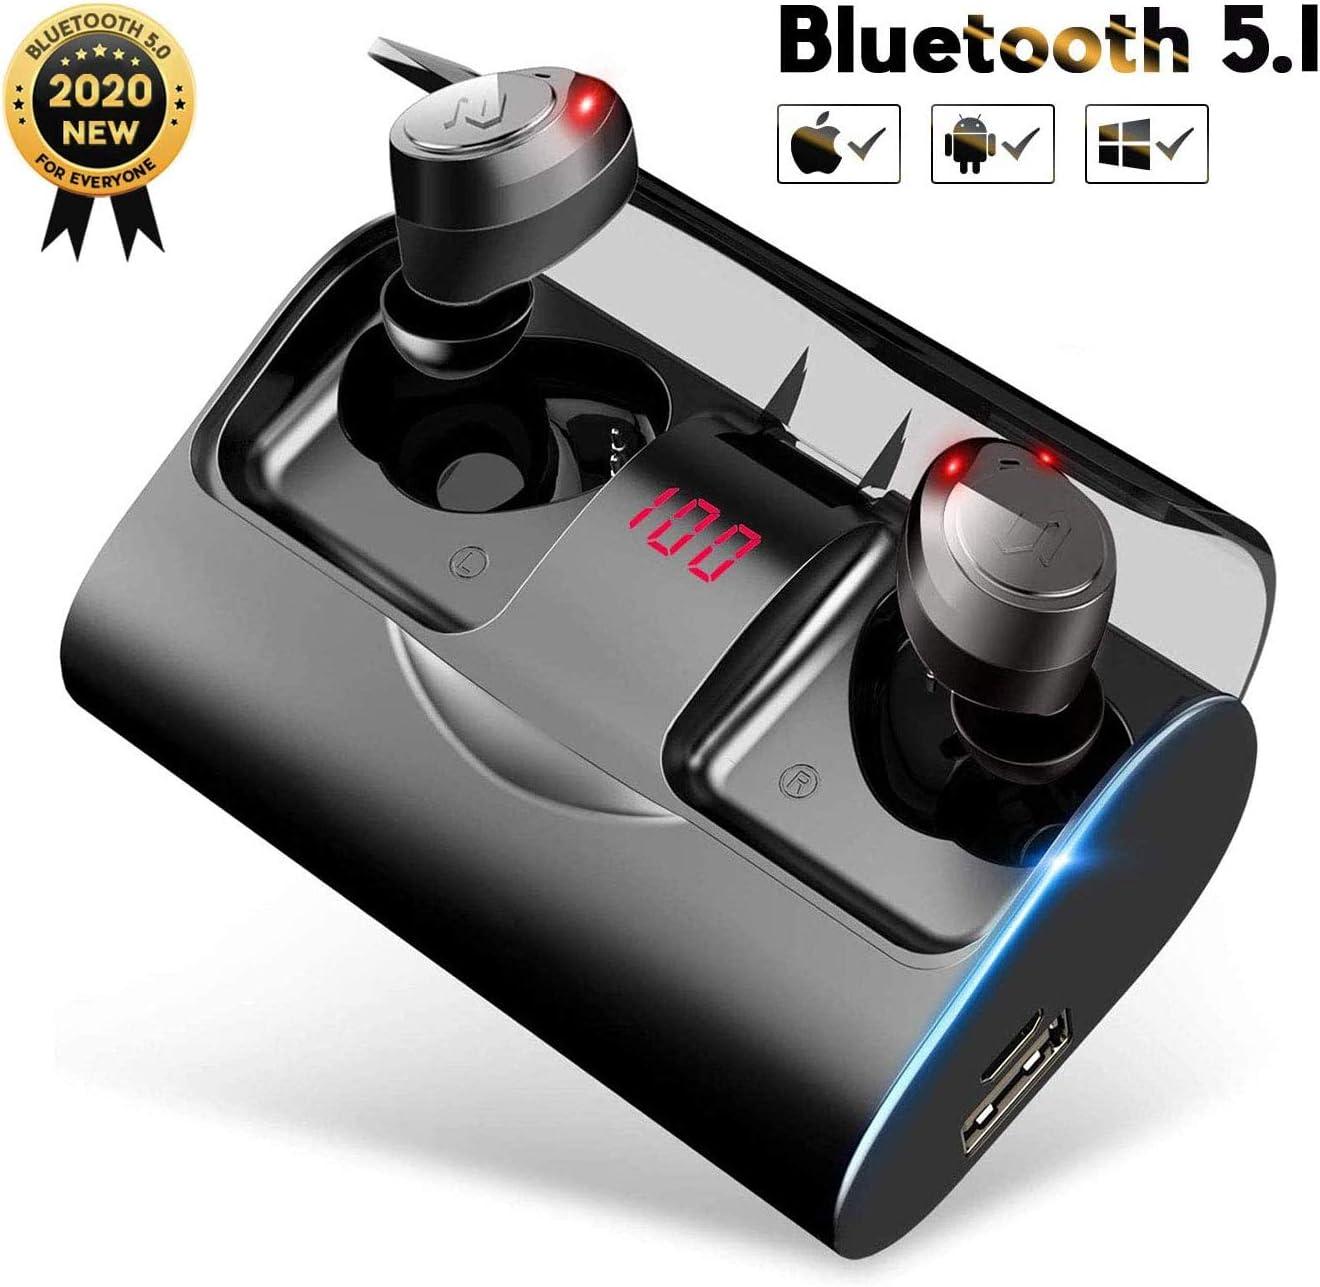 Auriculares Bluetooth, YATWIN Auriculares Inalámbricos Bluetooth 5.1 Estéreo Hi-Fi Sonido IPX7 Resistentes al Agua, 150H Autonomía 3000mAh Estuche de Carga para iPhone y Android